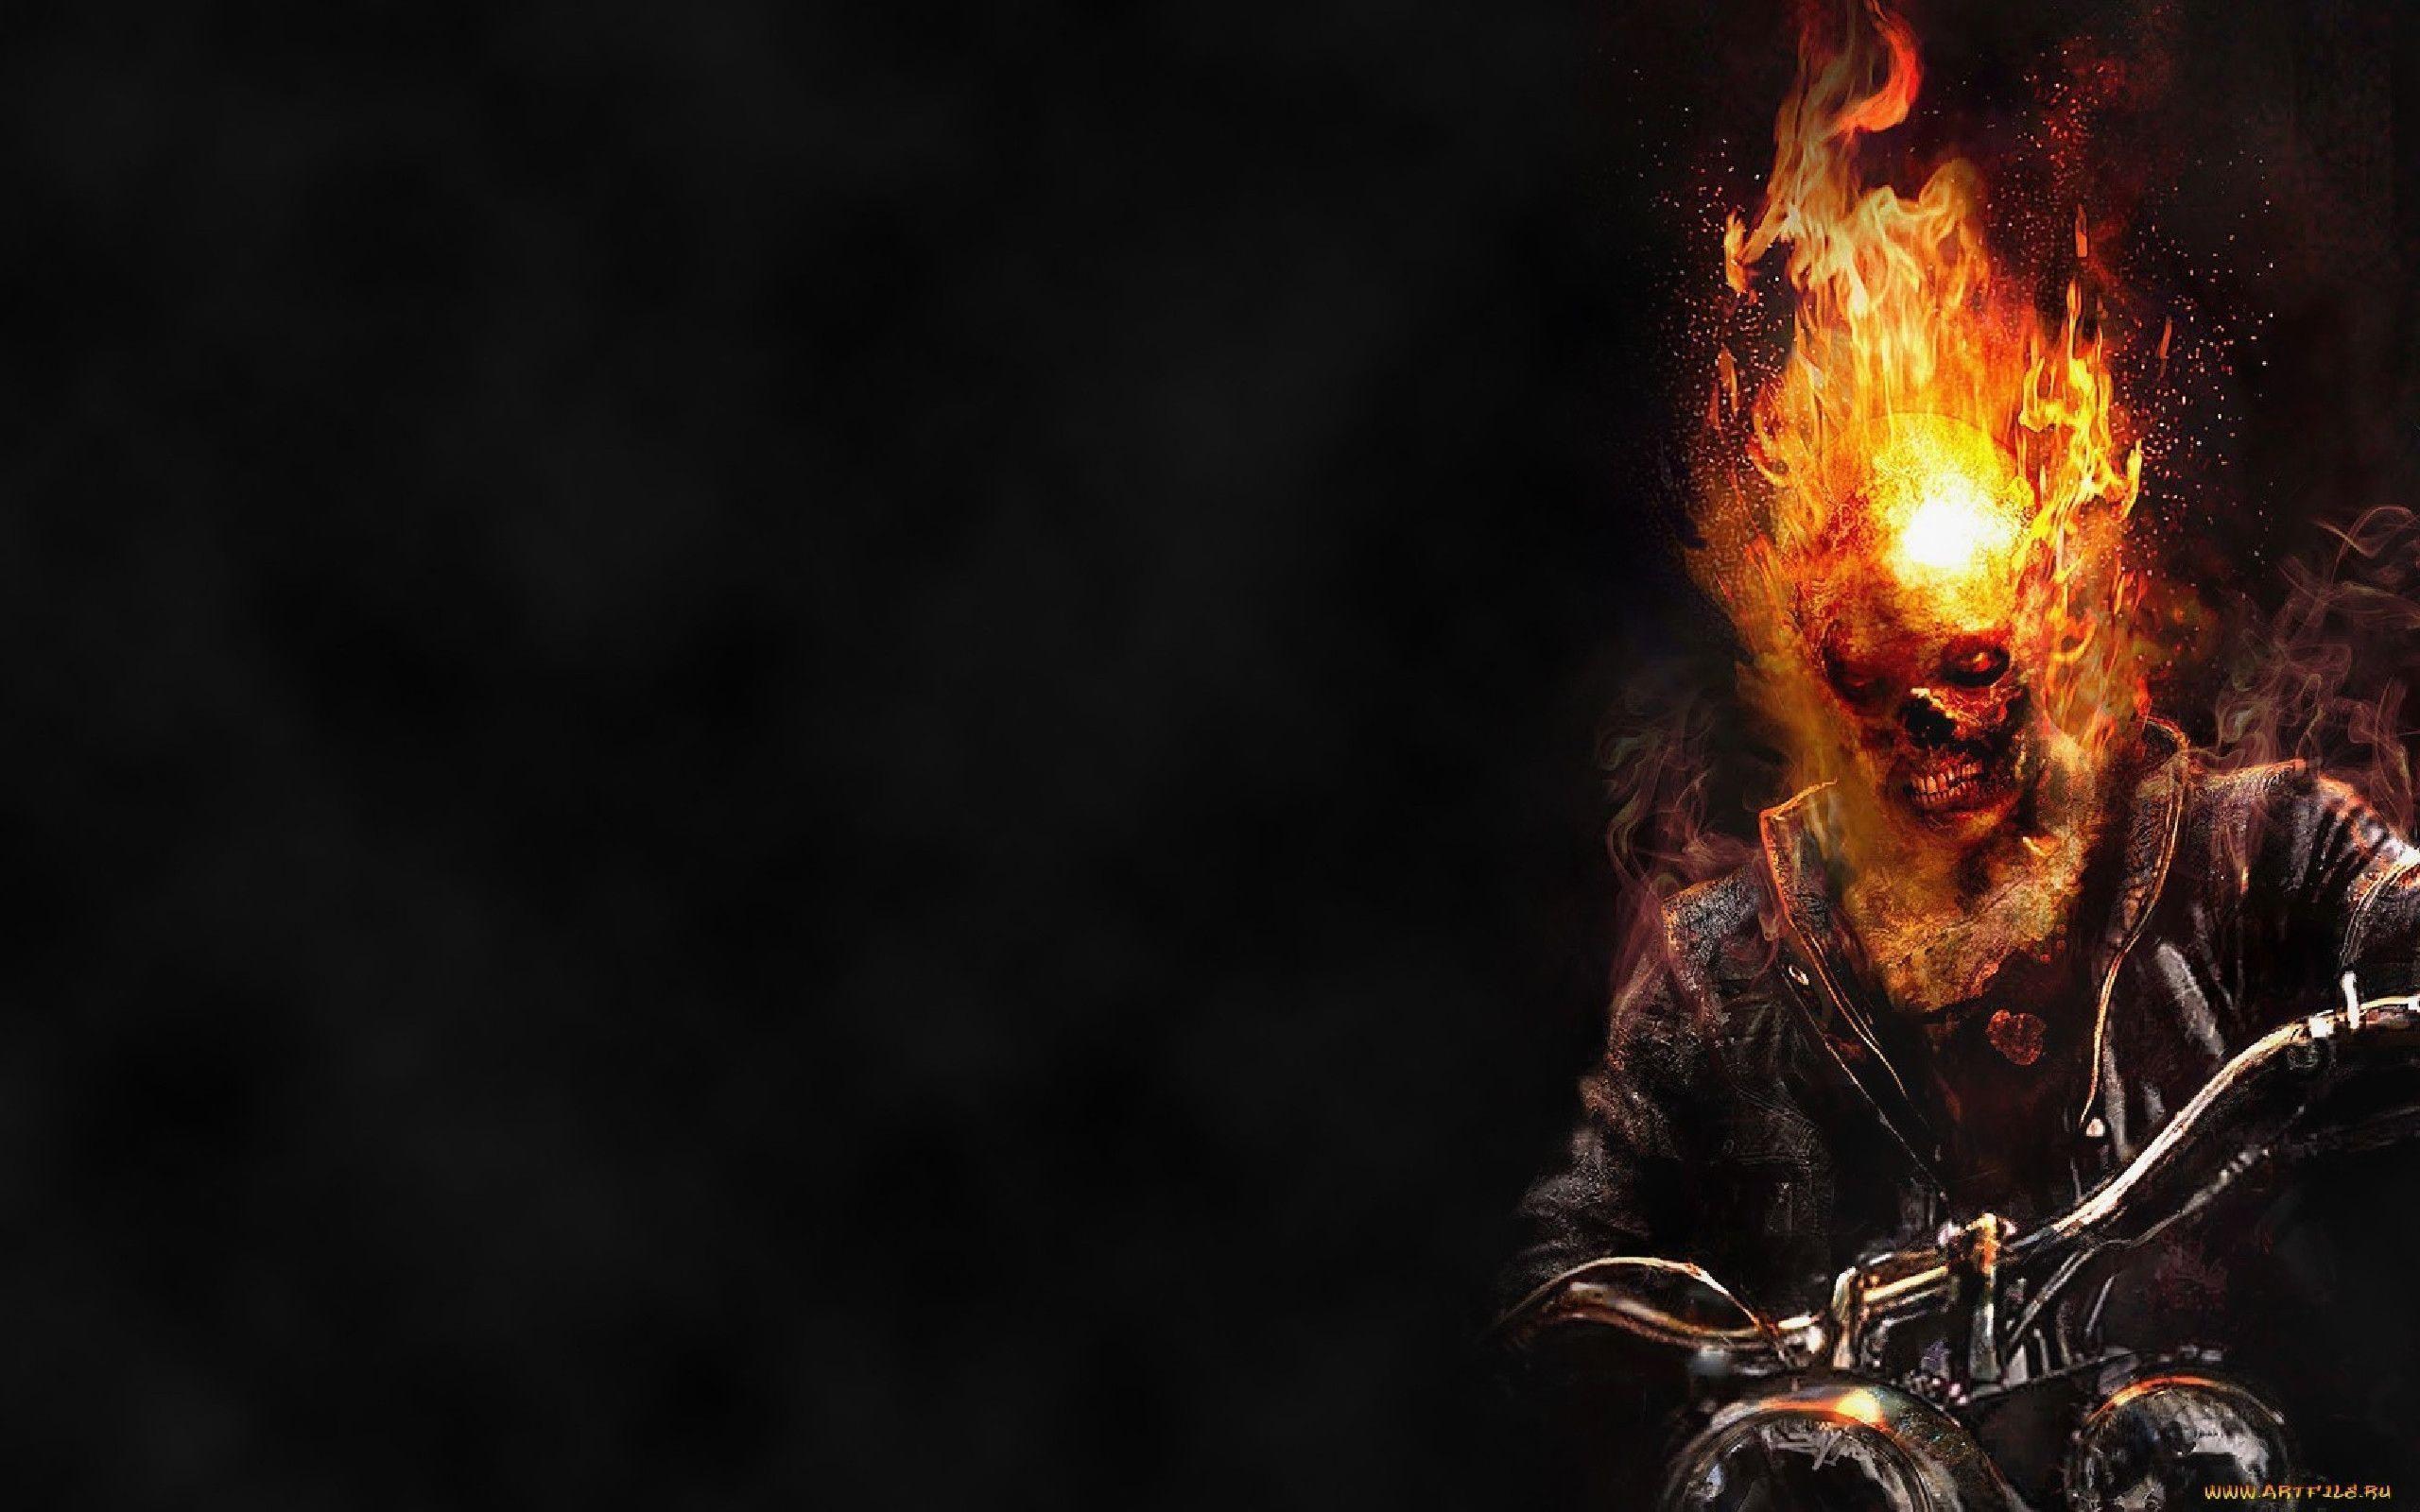 Ghost Rider Desktop Wallpaper (76+ pictures)